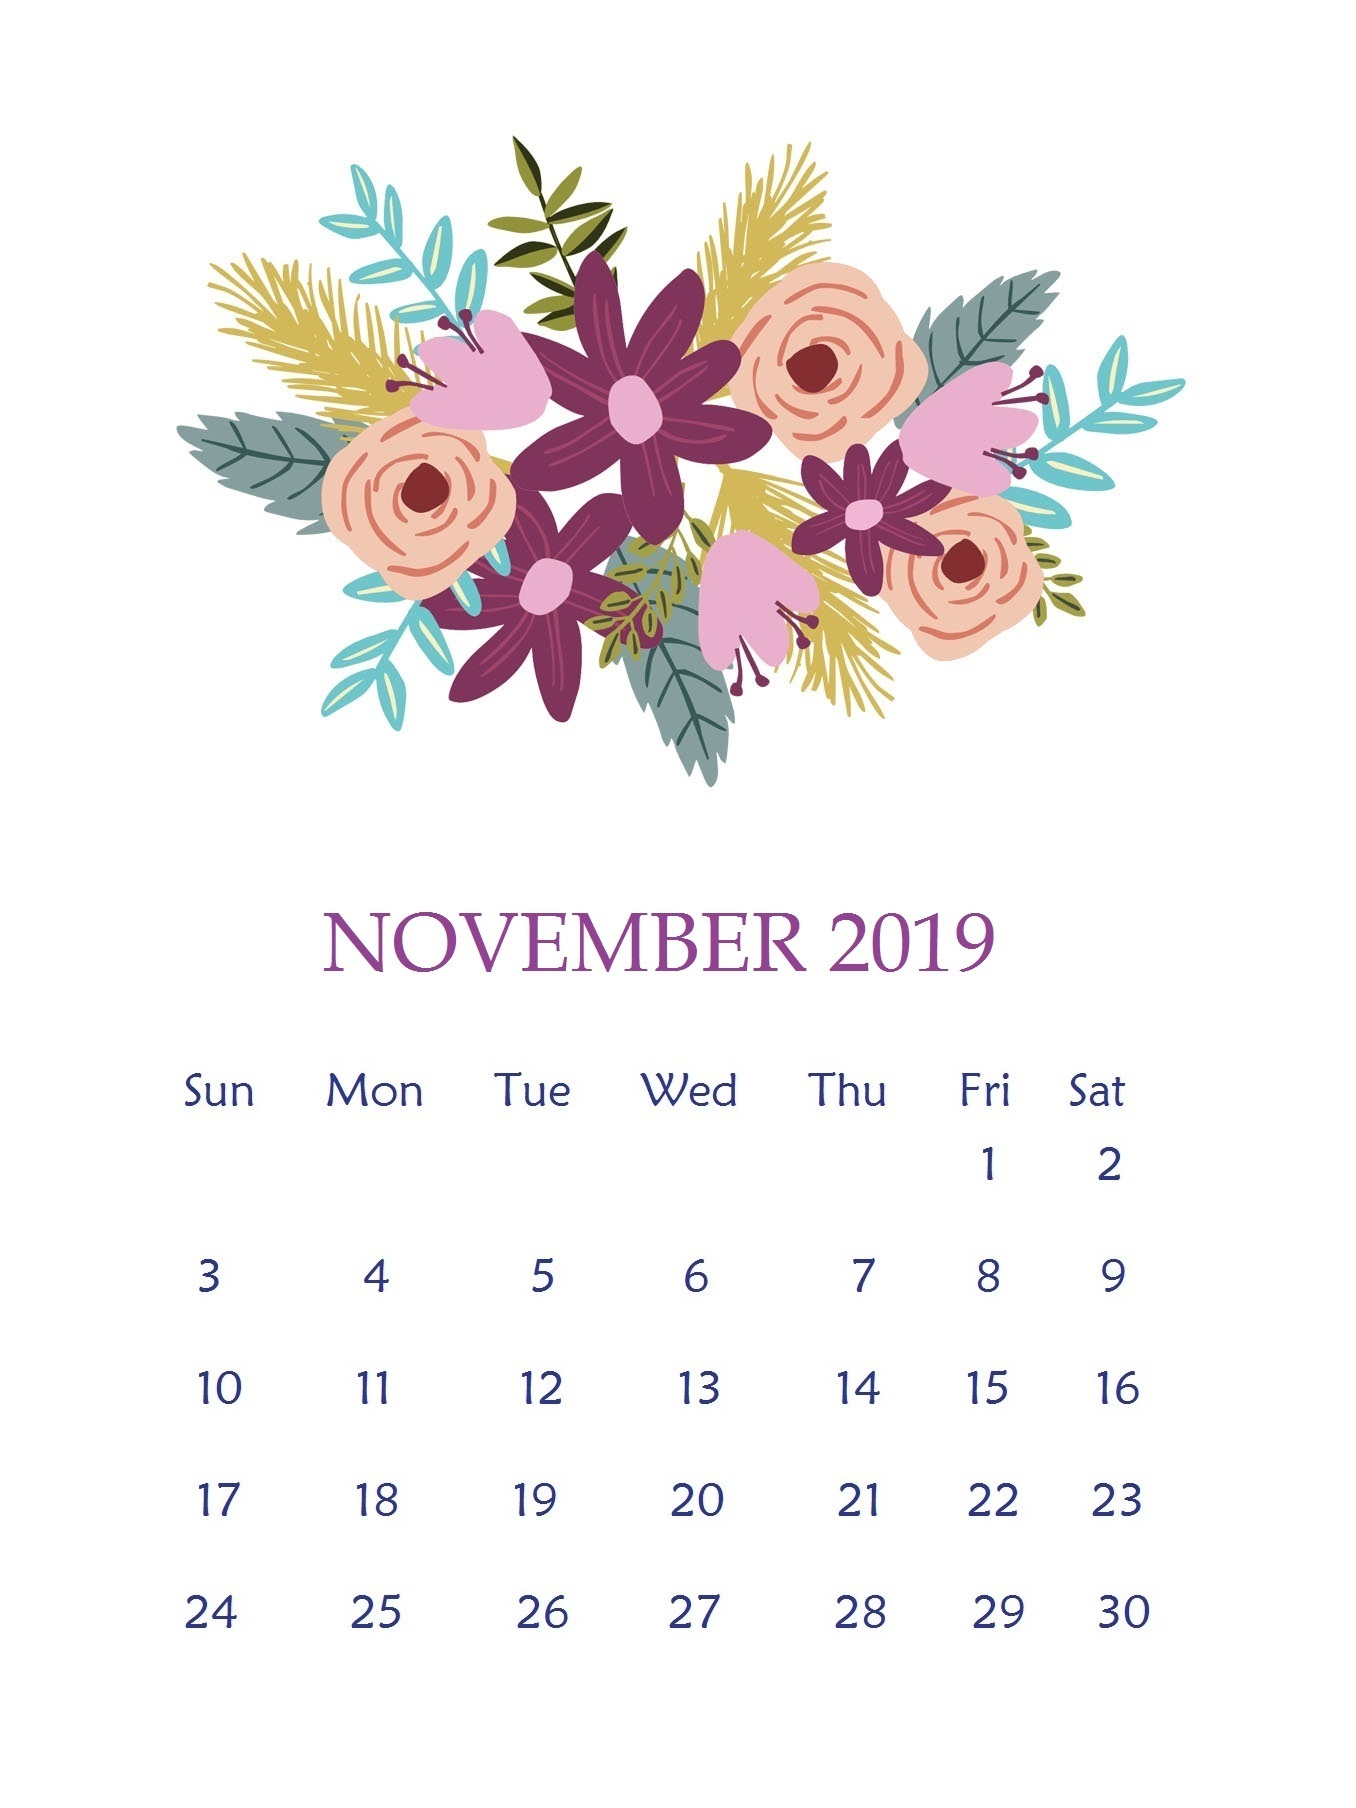 Beautiful November 2019 Wall Calendar